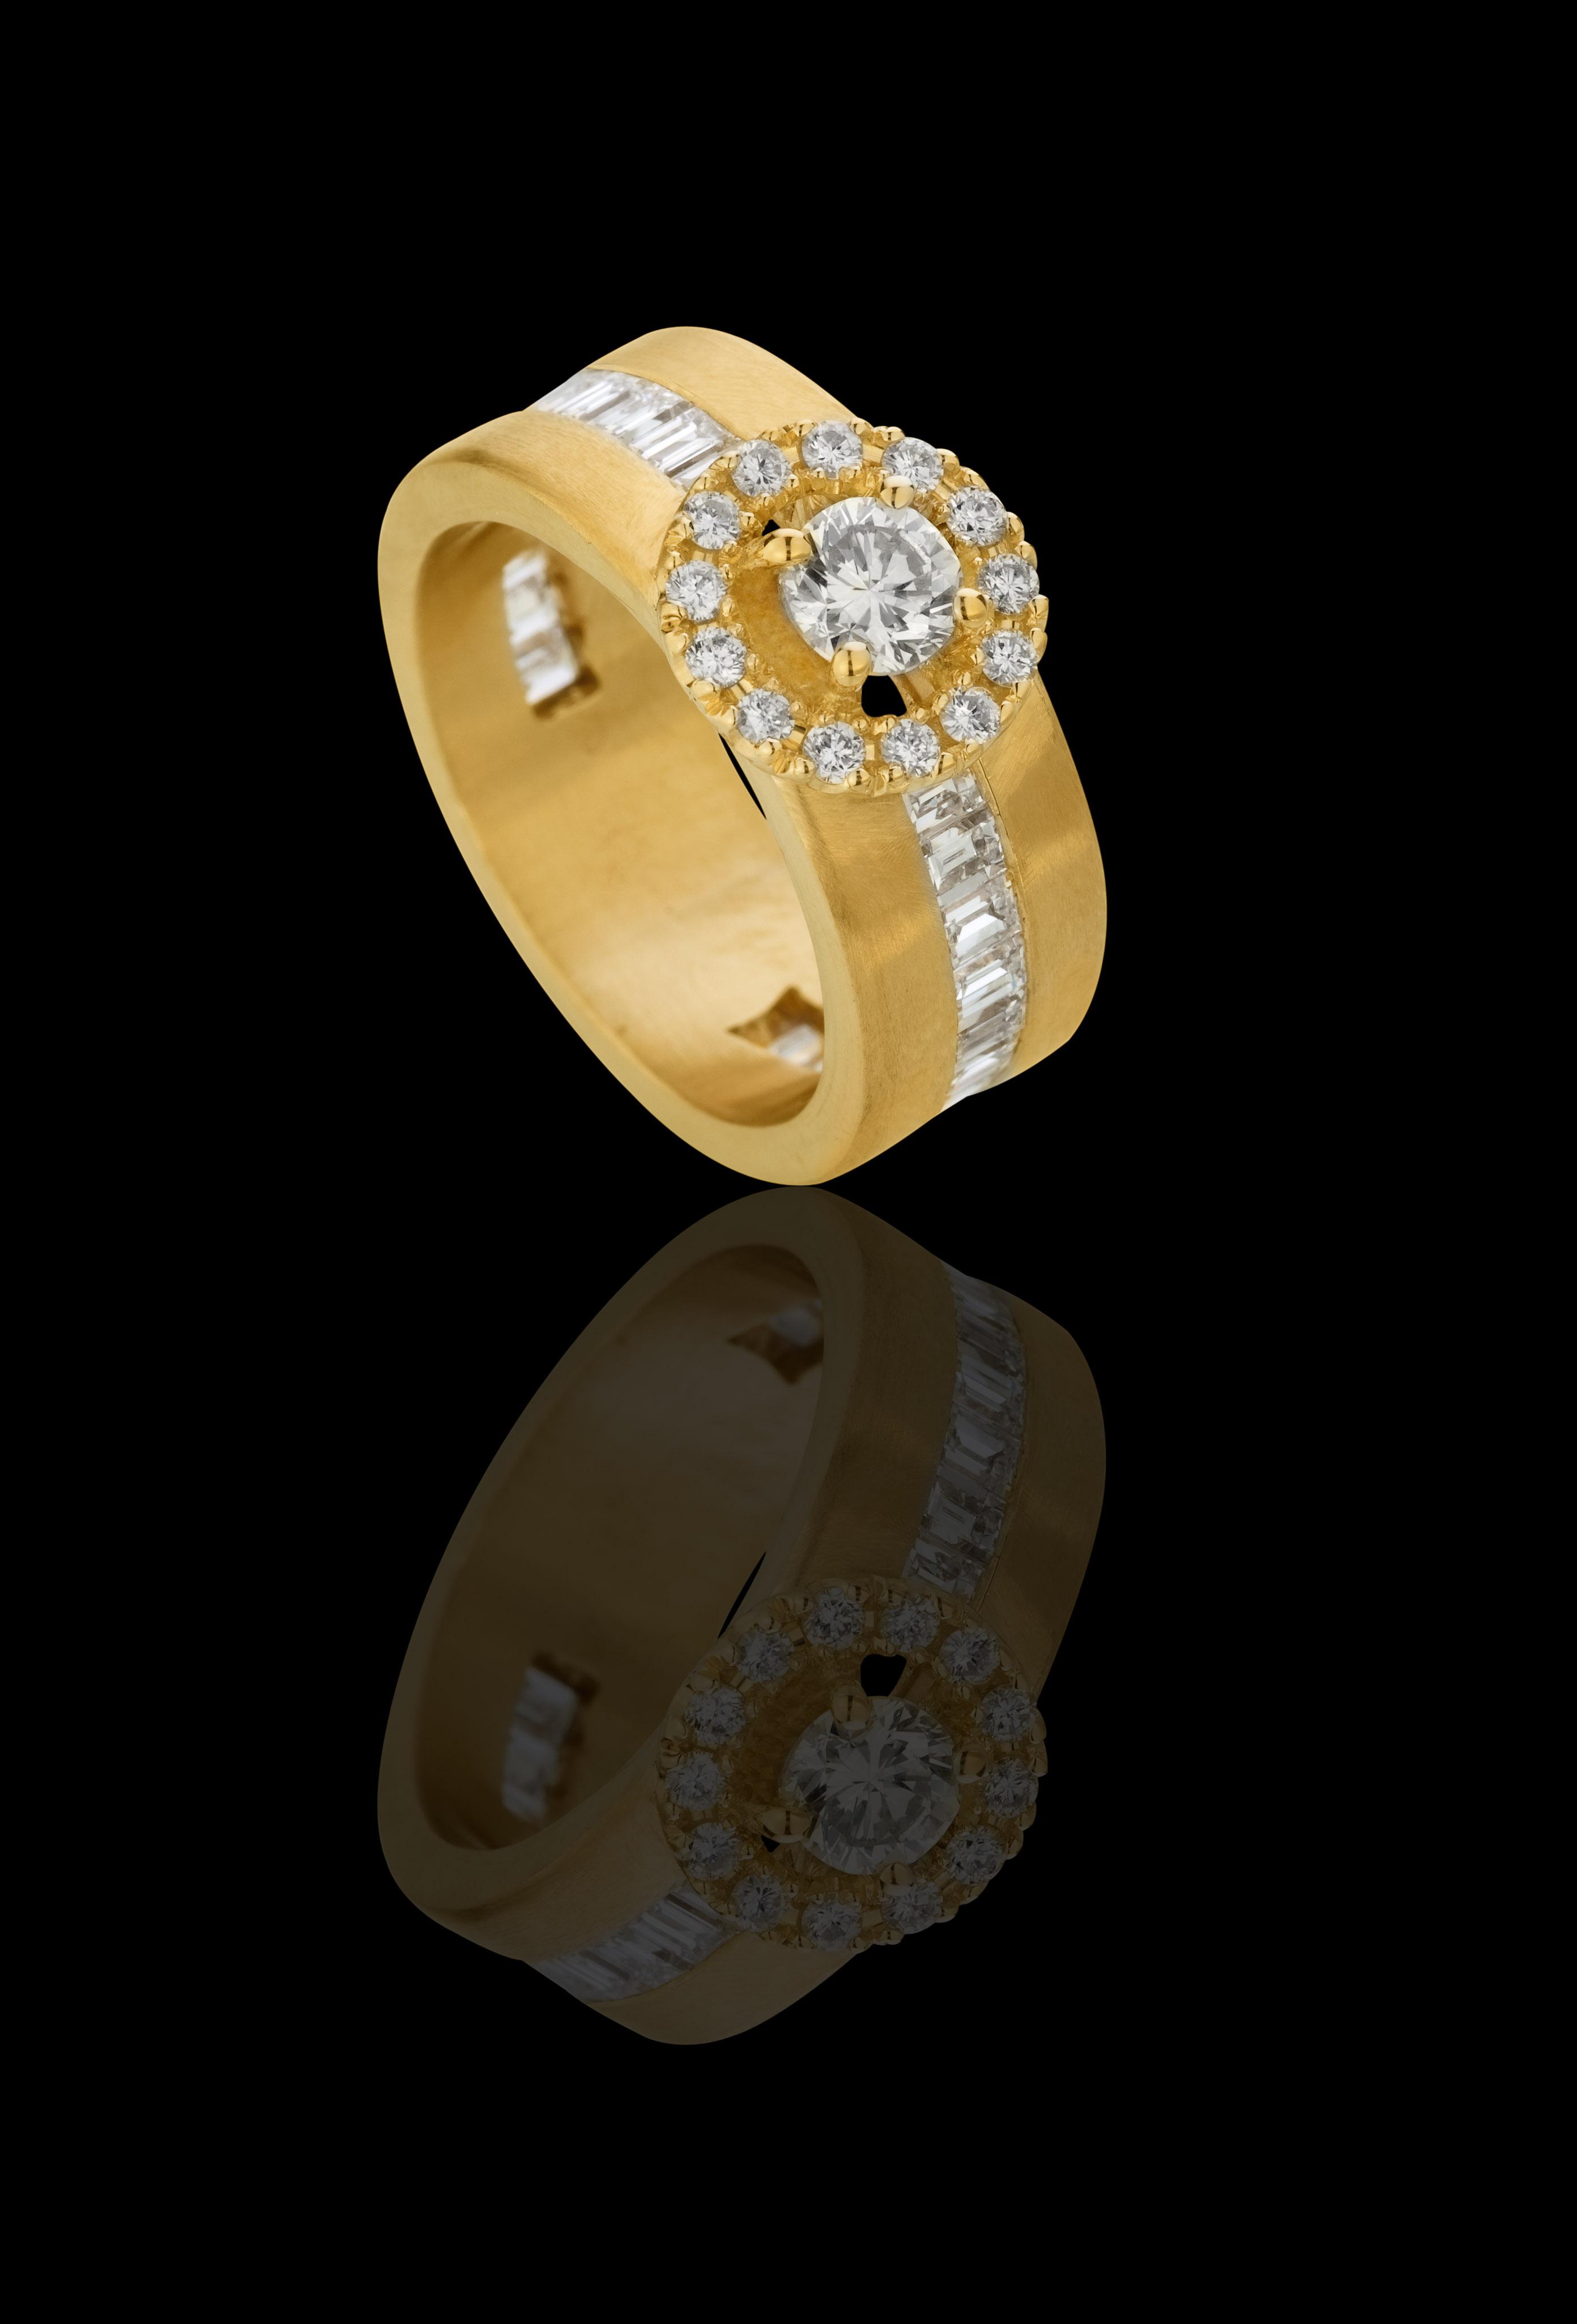 טבעת סוליטר בזהב צהוב 18K משובצת יהלום ויהלומים סביב